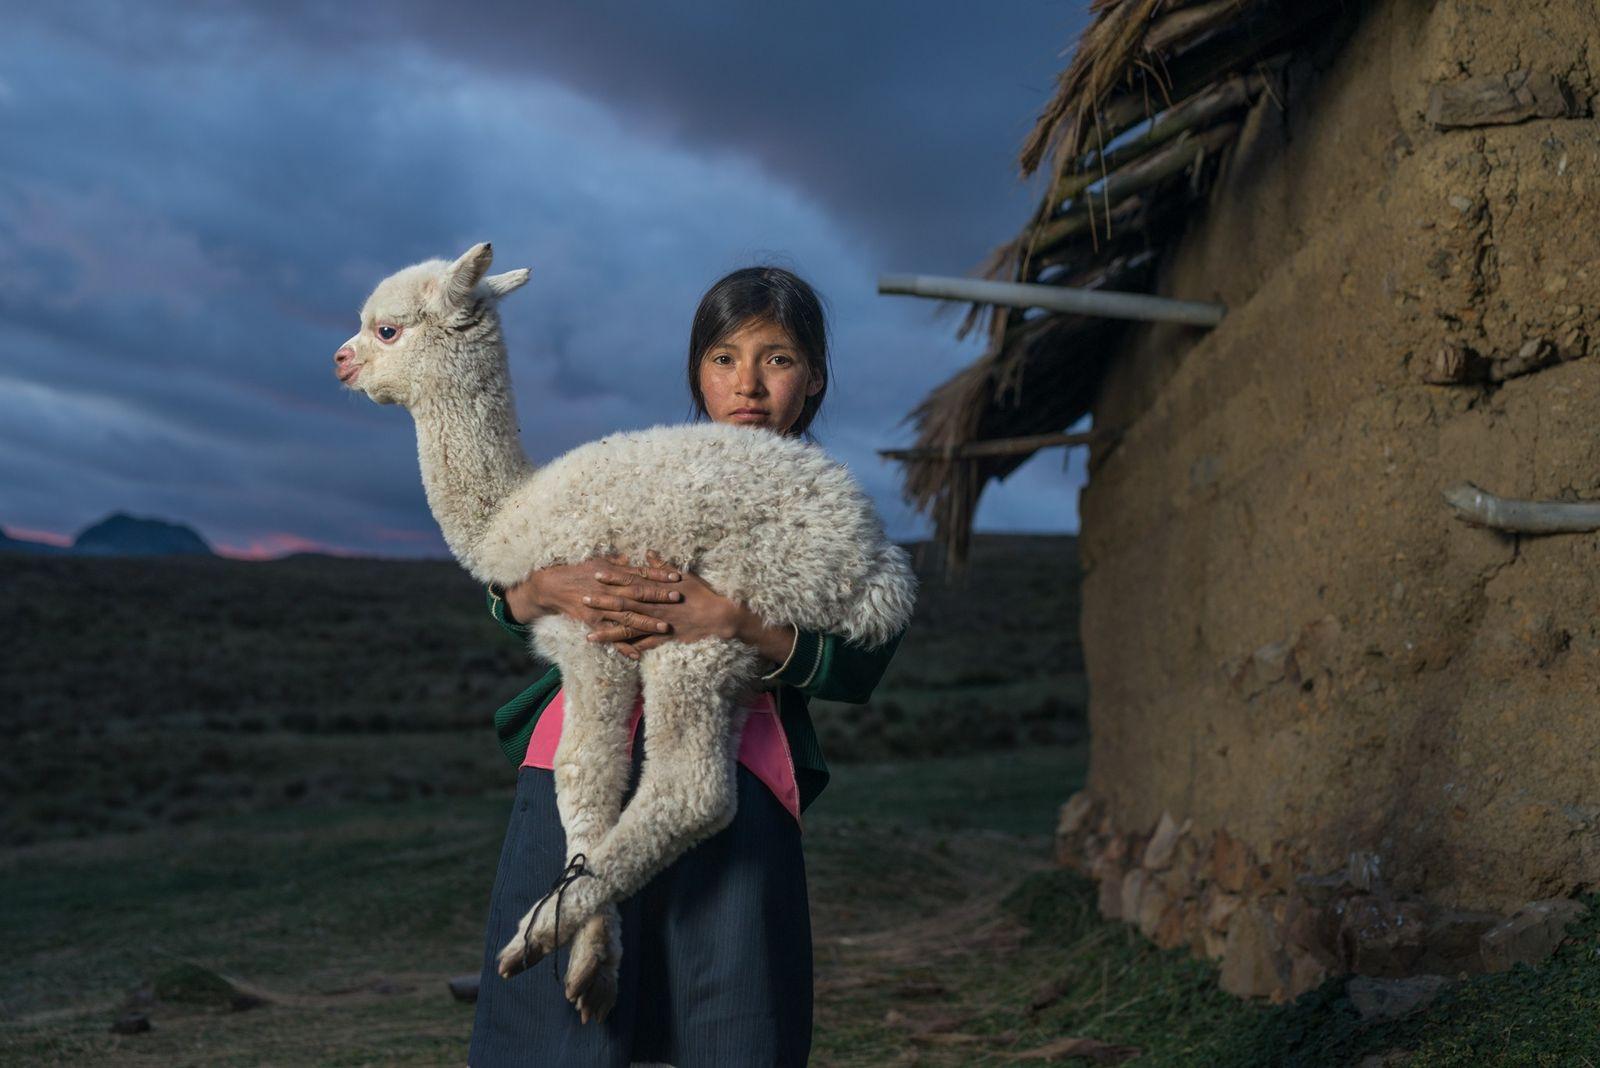 Danila, de 15 anos, segura uma cria de alpaca, perto de Huaylillas, nas terras altas do ...